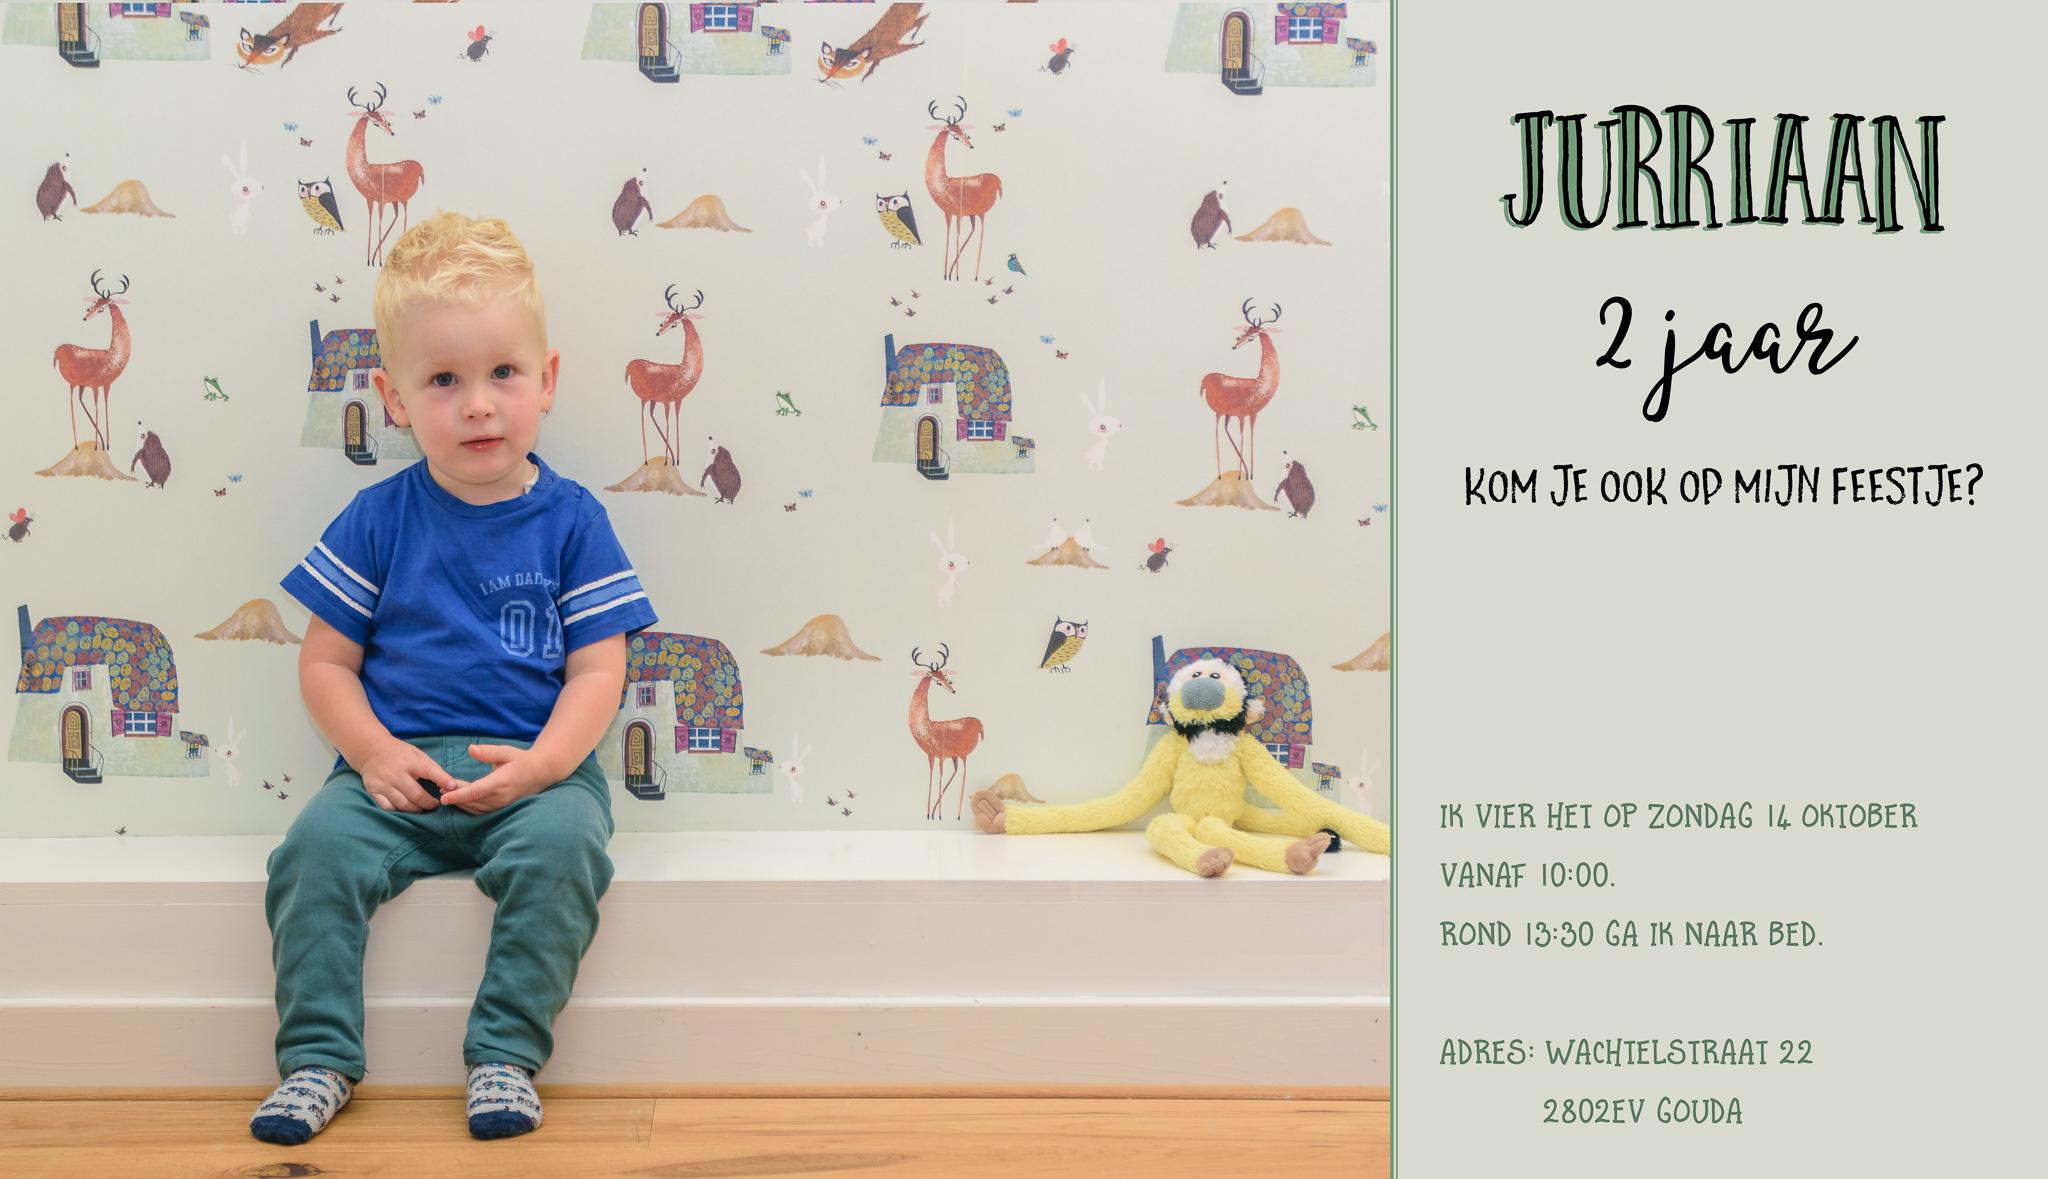 Photo: Fotoboek-Jurriaan-1424.JPG